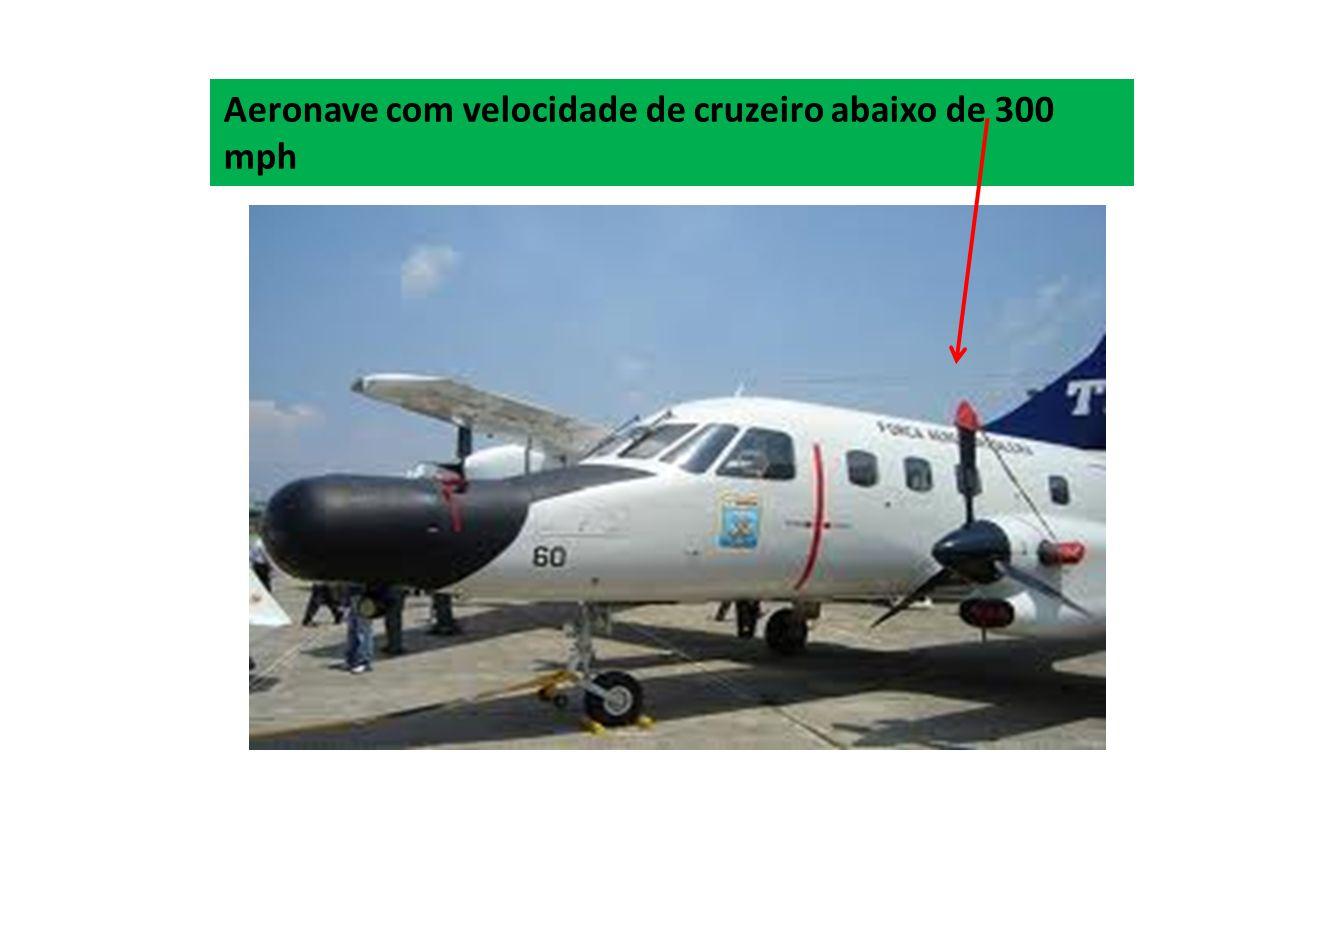 Aeronave com velocidade de cruzeiro abaixo de 300 mph